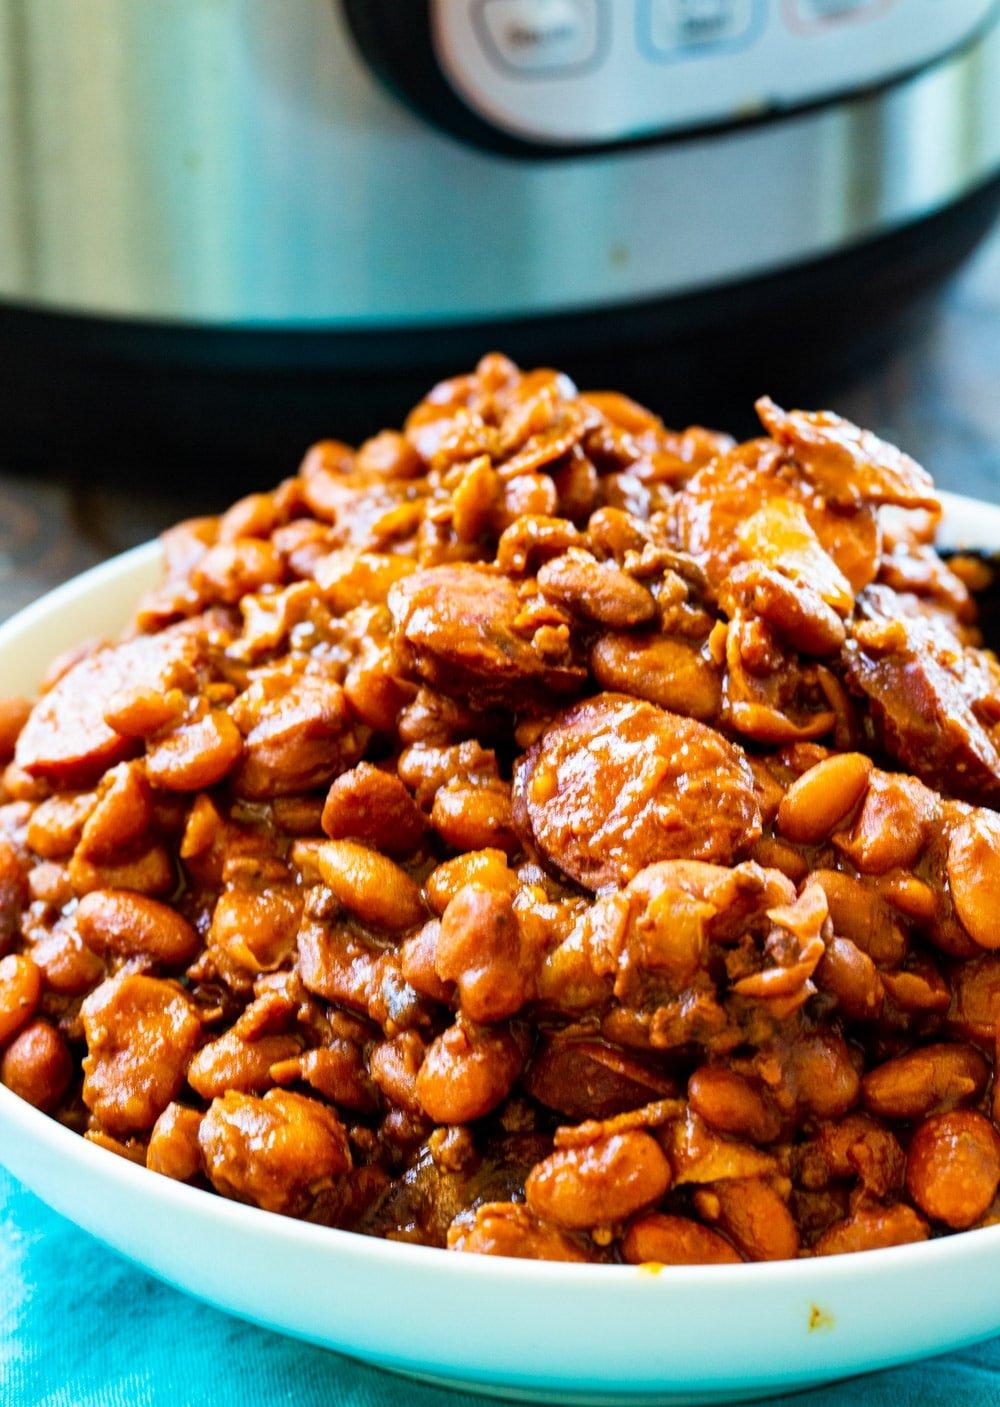 Instant Pot Cowboy Beans in a bowl.